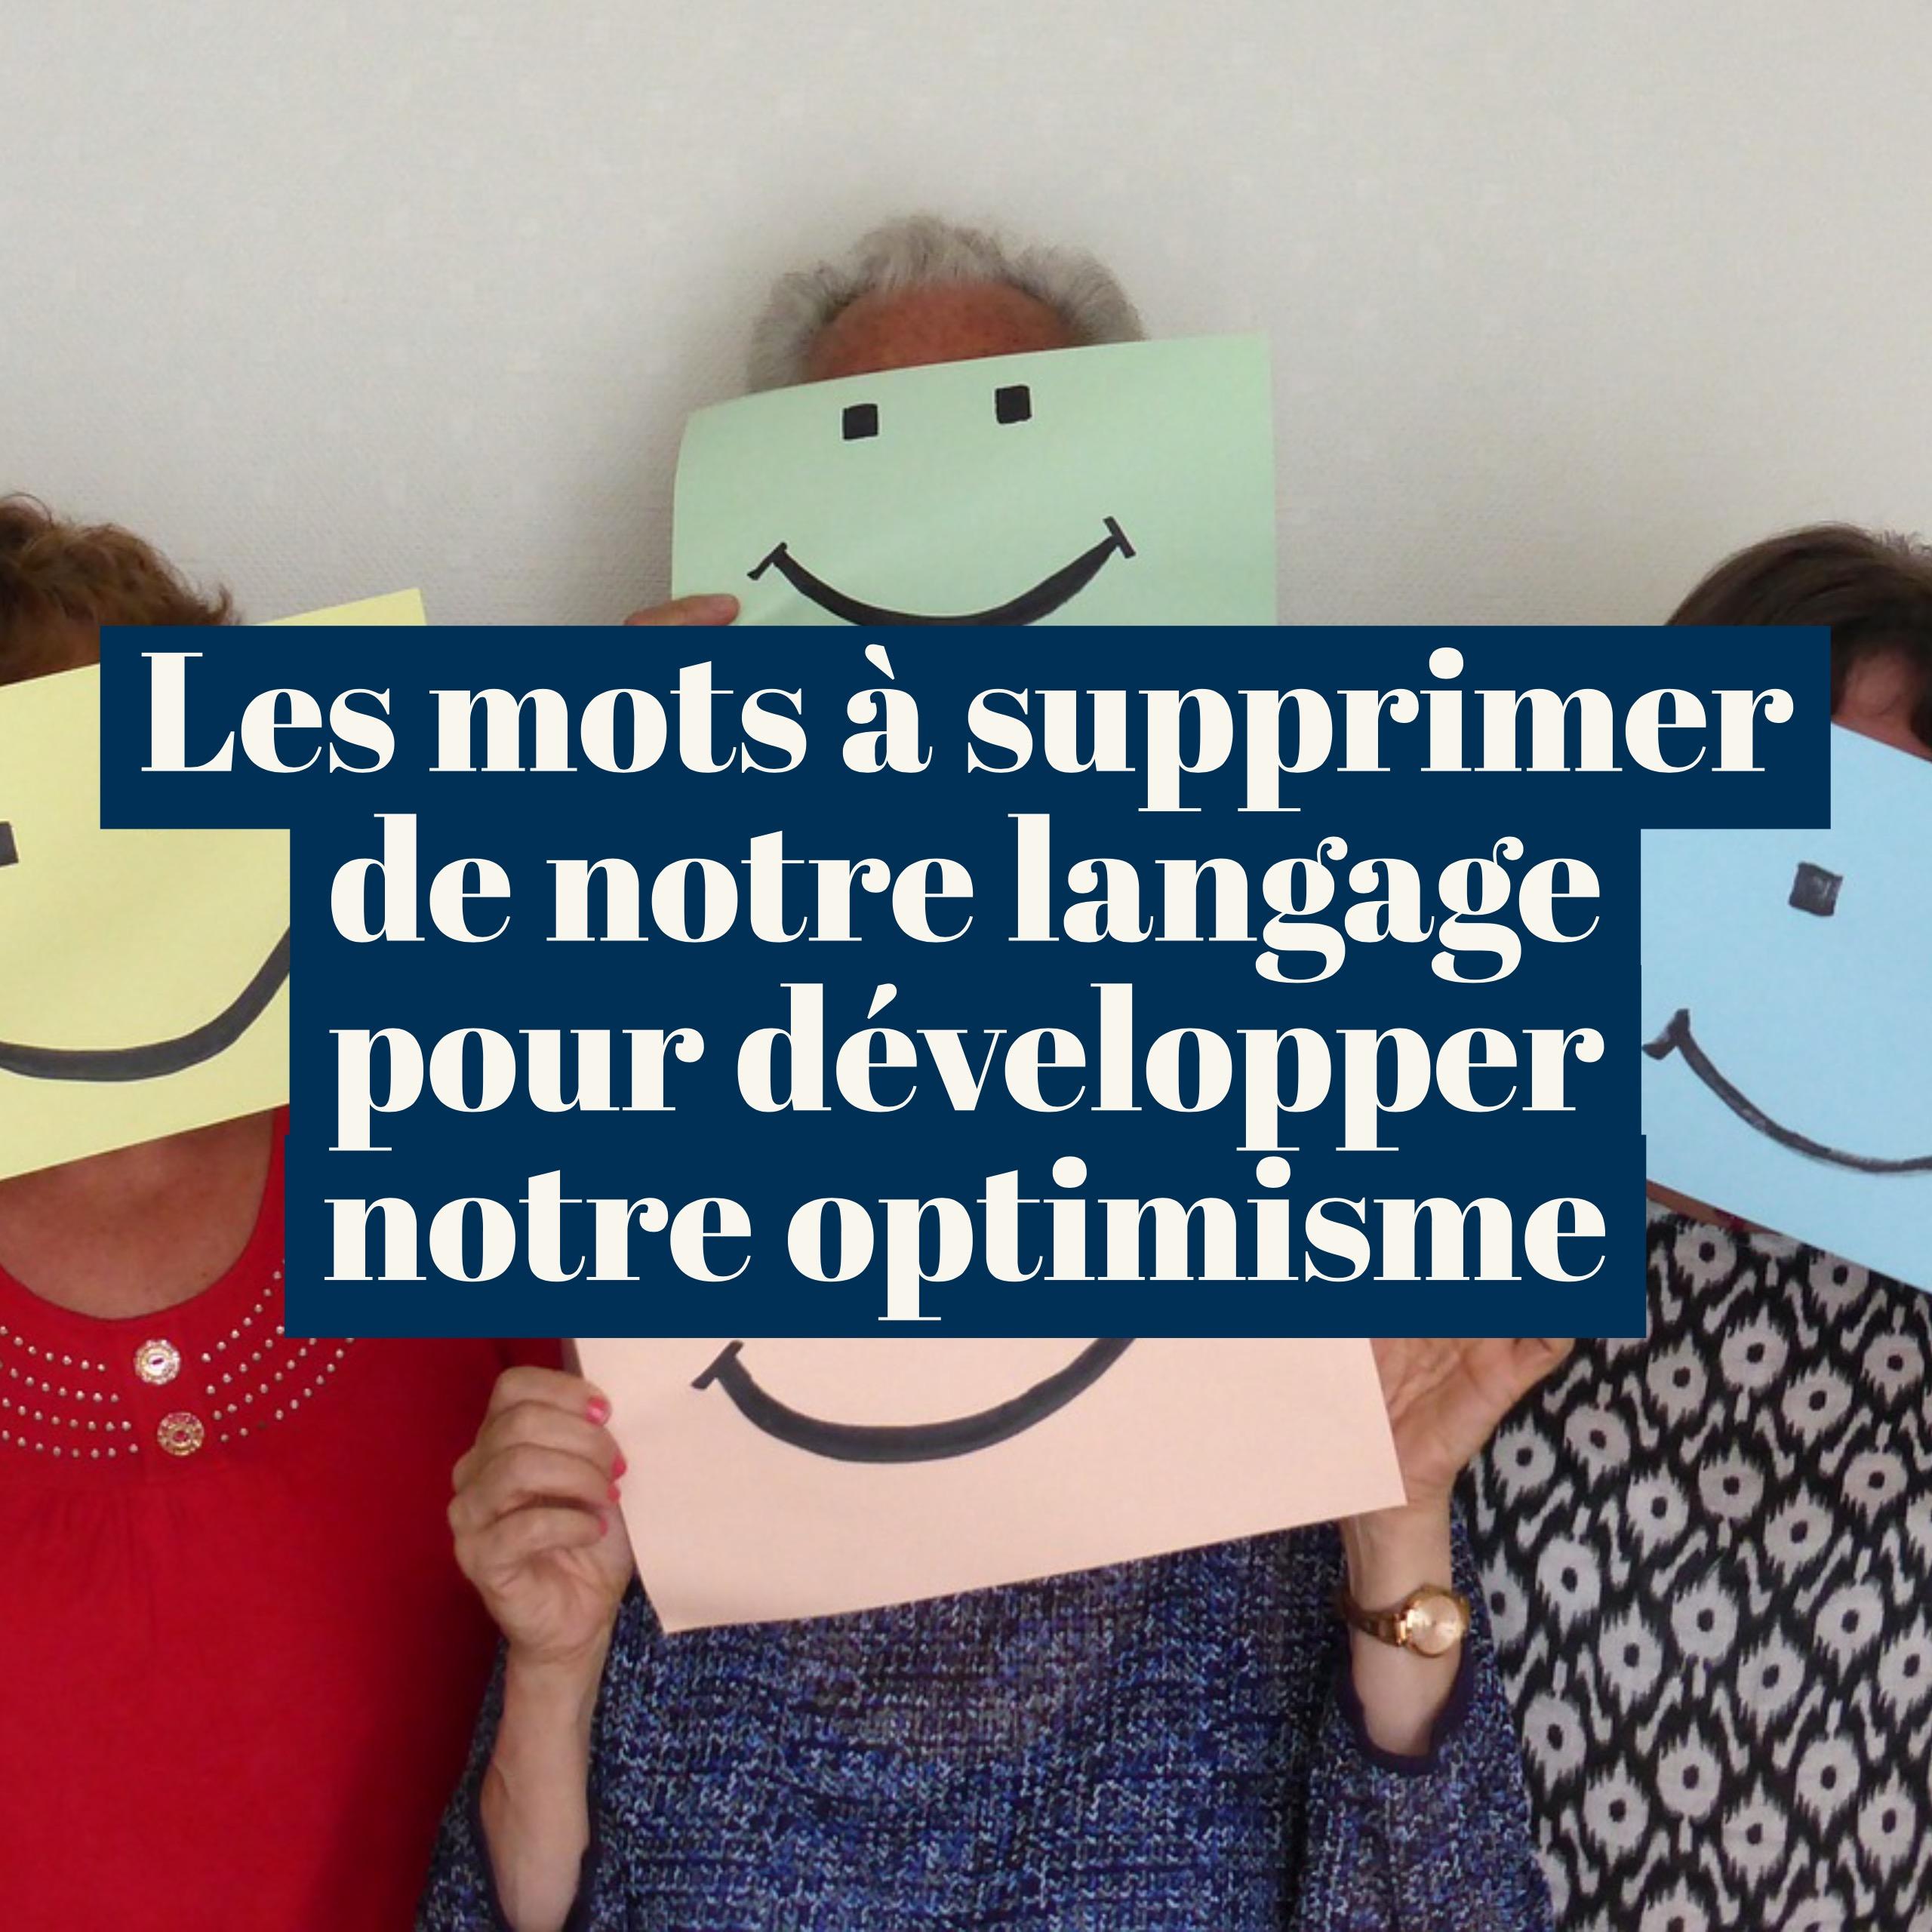 Les mots à supprimer de notre langage pour développer notre optimisme